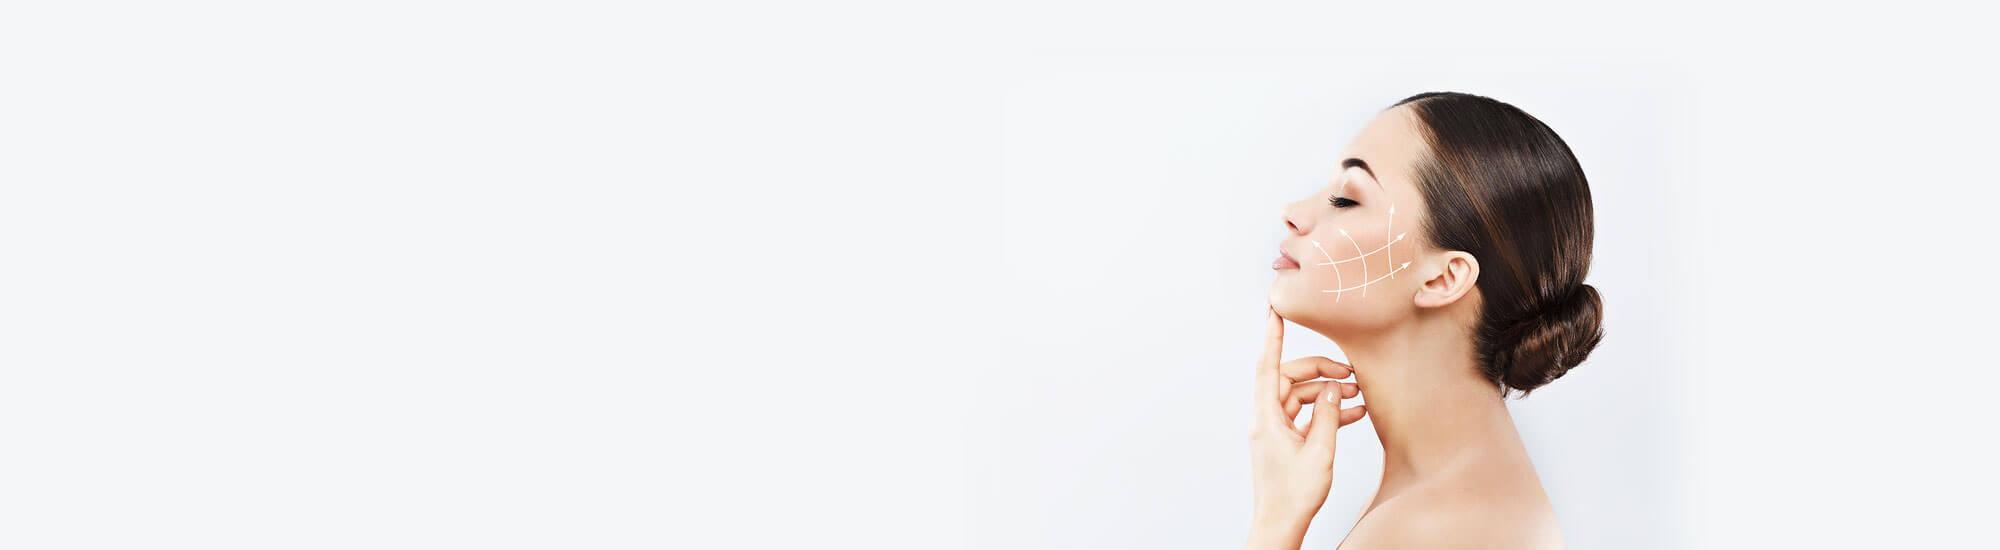 Nowoczesne zabiegi medycyny estetycznej, pozwalają odmłodzić, zregenerować i wymodelować skórę twarzy, szyi i dekoltu. Peelingi, mezoterapia mikroigłowa, mezoterapia iniekcyjna, zabiegi falami radiowymi i HIFU pozwalają zatrzymać czas i odmłodzić twarz, likwidując objawy starzenia się skóry.